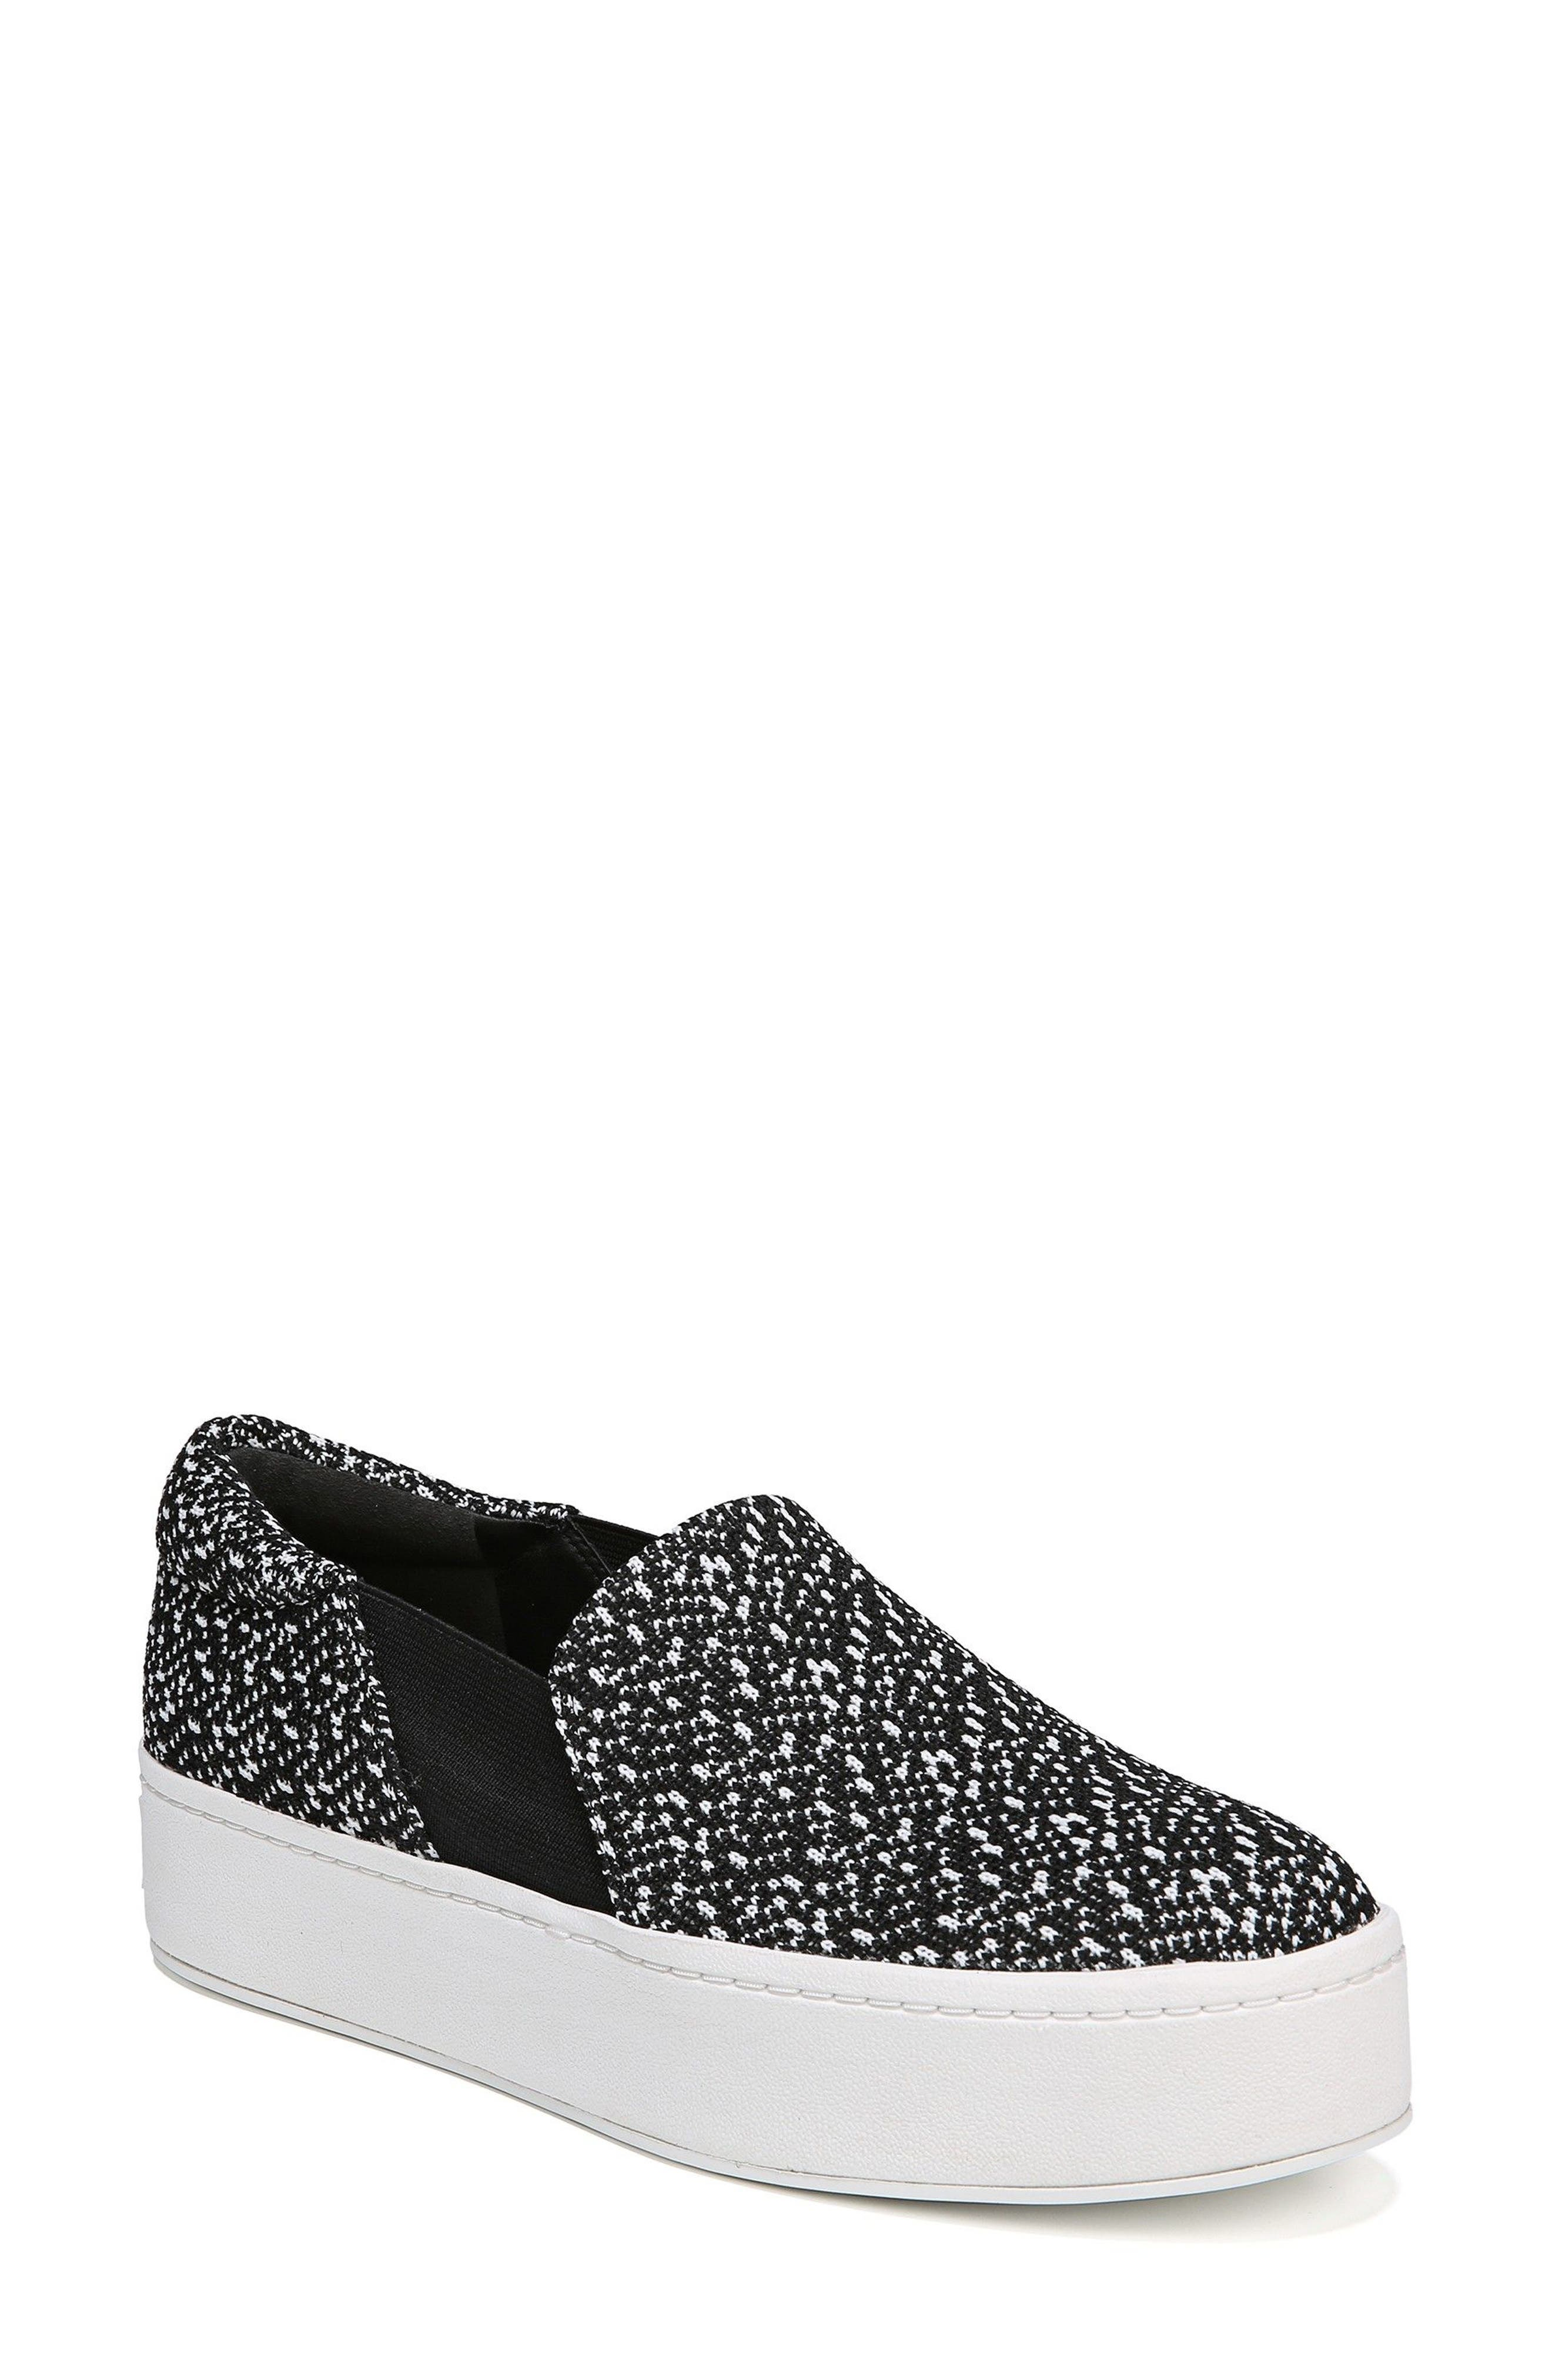 Warren Slip-On Sneaker,                             Main thumbnail 1, color,                             BLACK/ WHITE